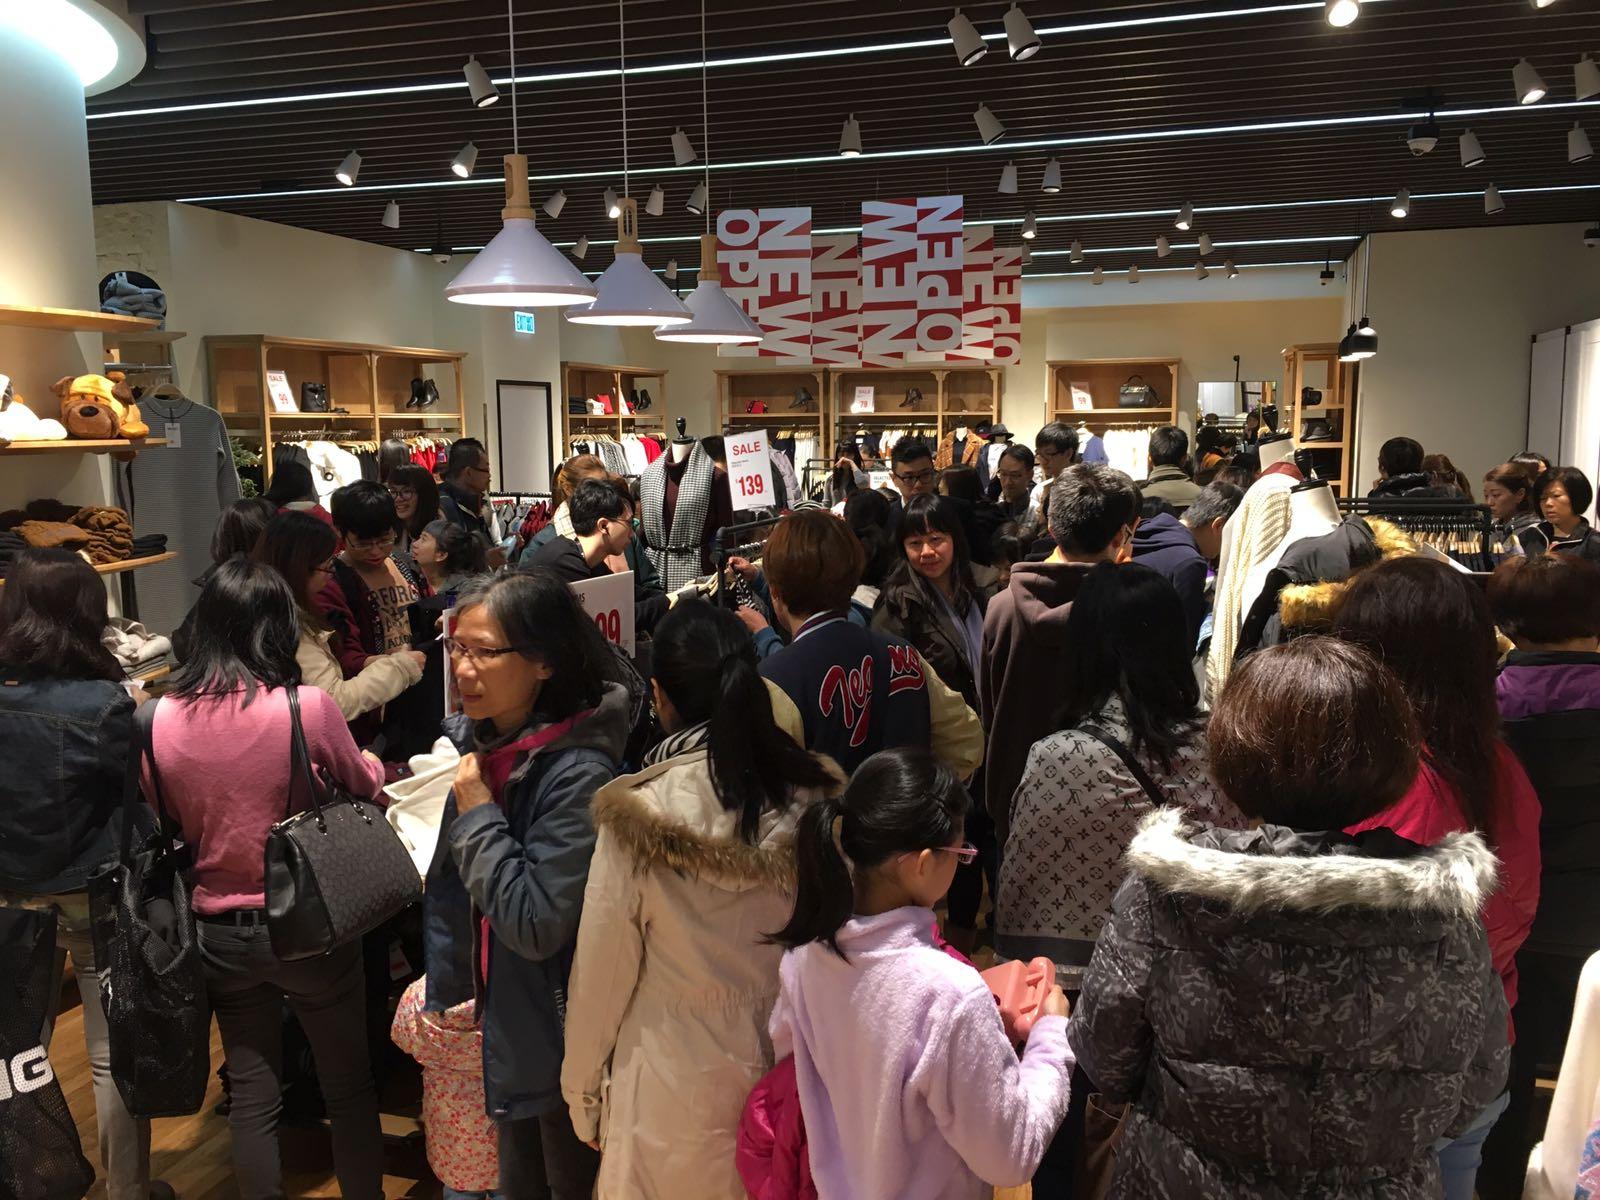 全世界哪的人最爱买衣服,答案是香港人